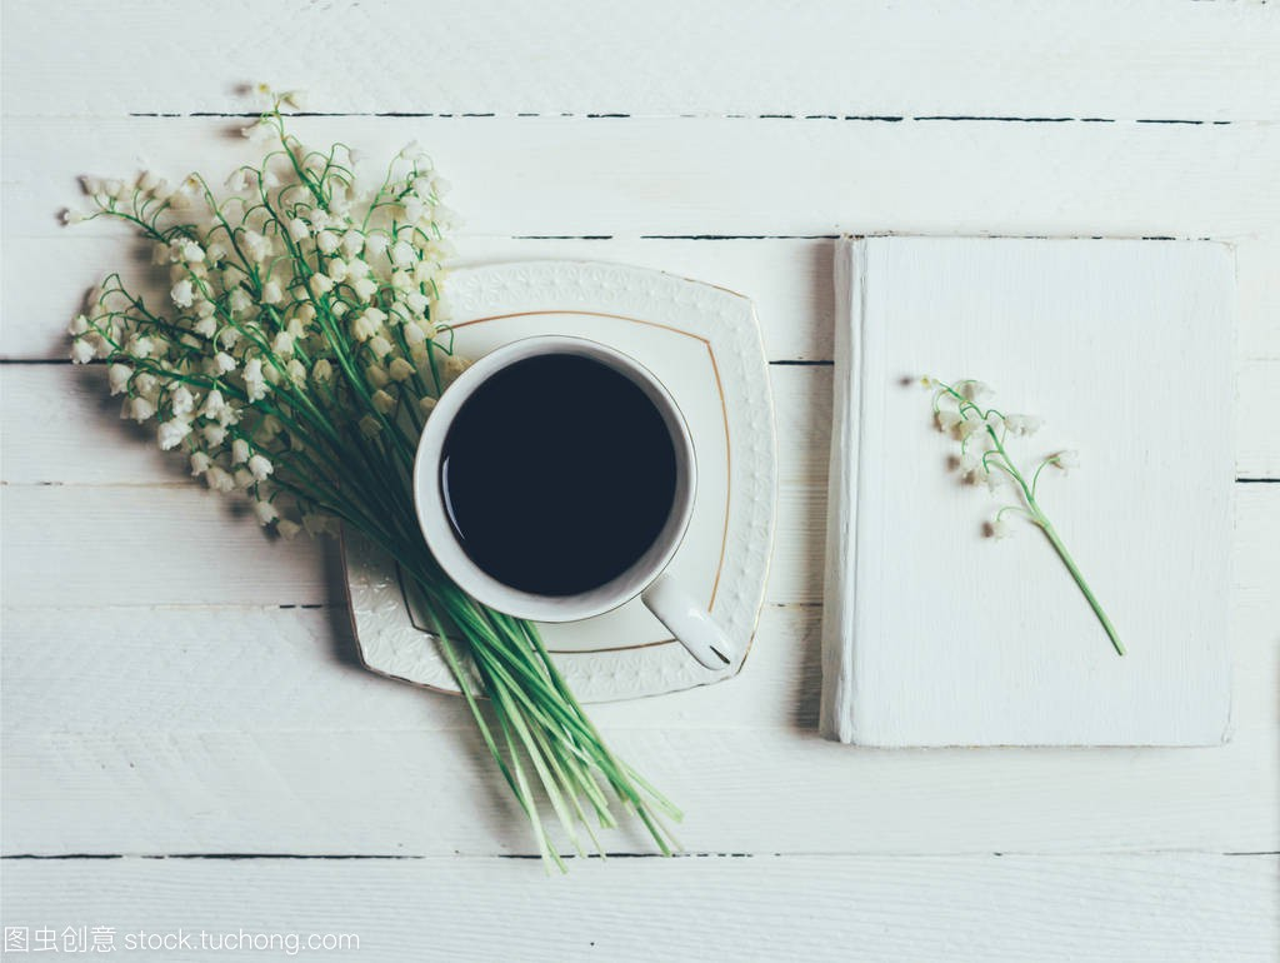 书,杯木桌和百合花在大全顶部上的图片,花束视白色超短发男童咖啡图片